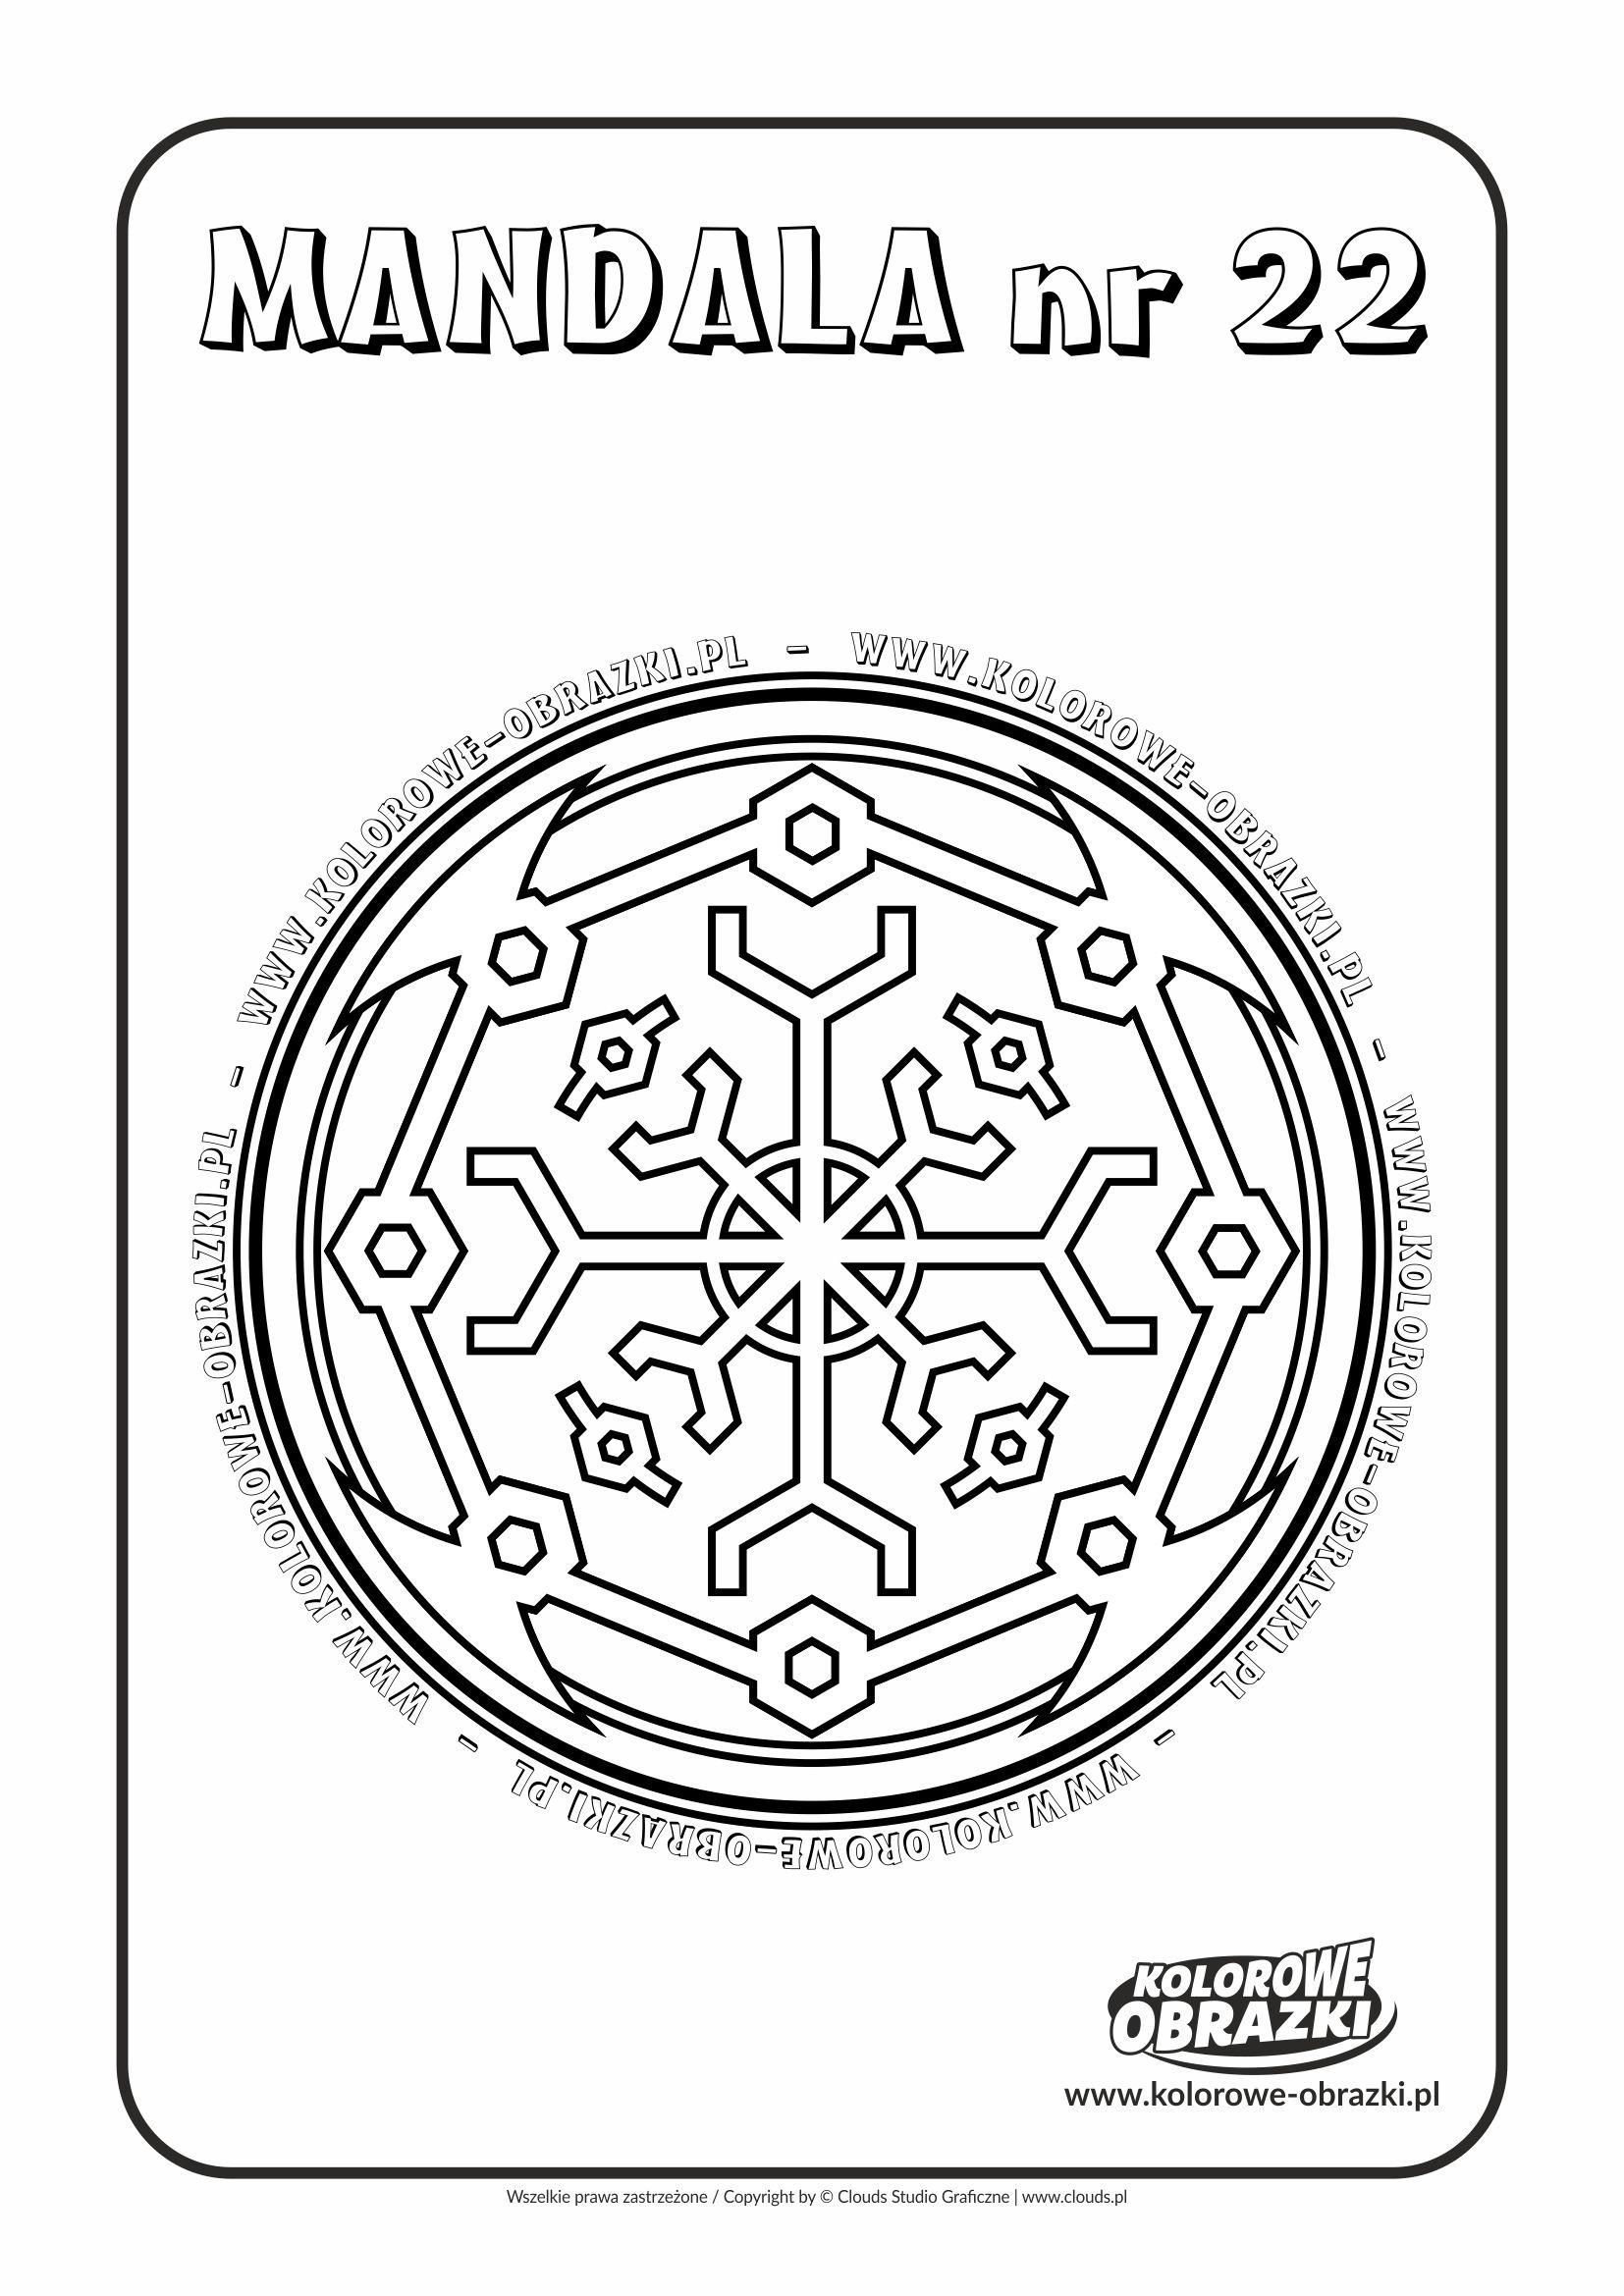 Kolorowanki dla dzieci - Mandale / Mandala nr 22. Kolorowanka z mandalą